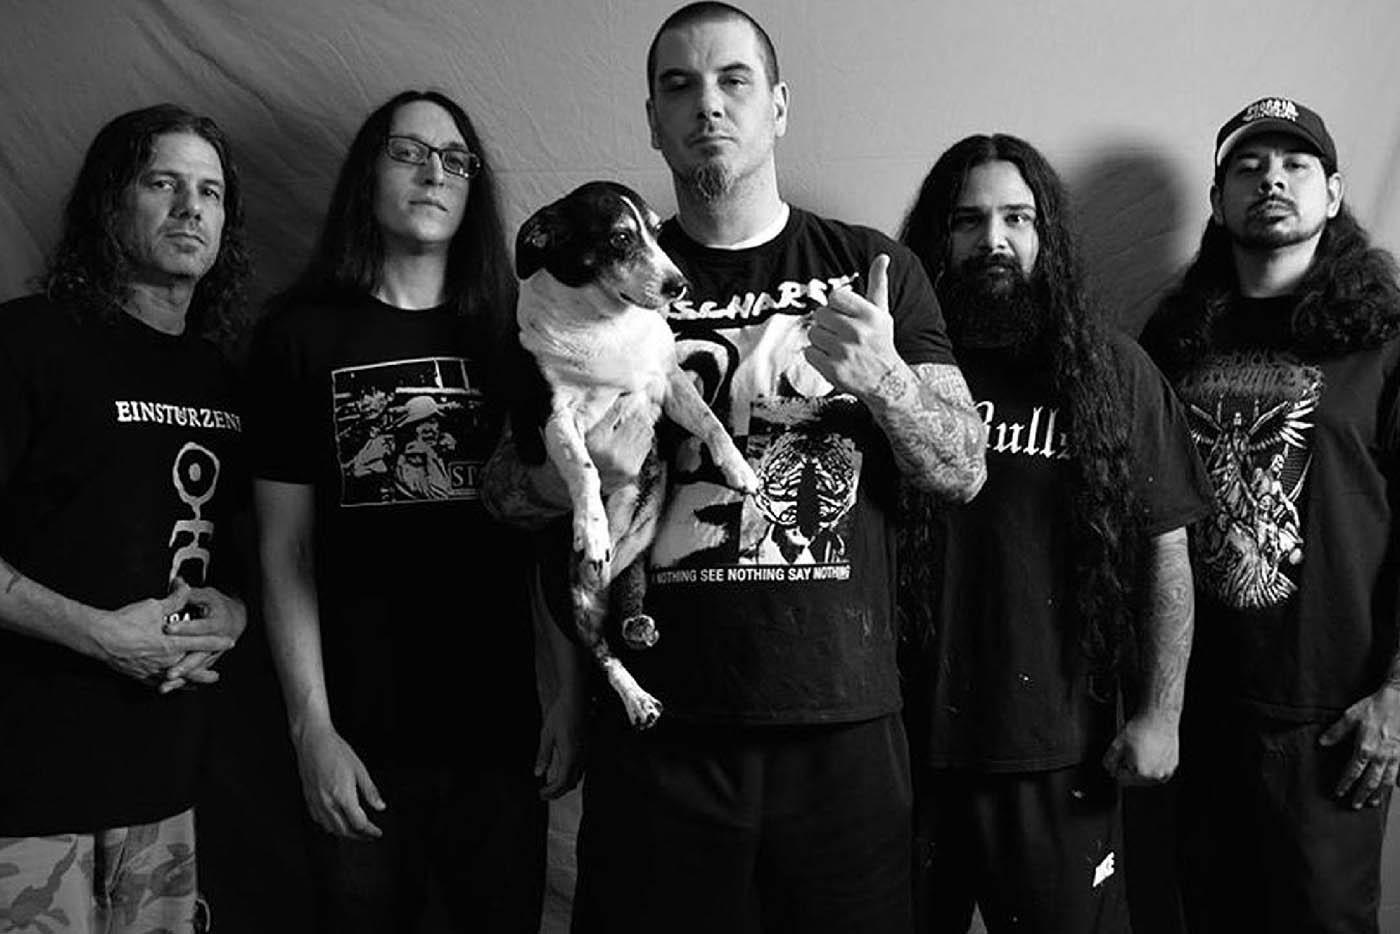 Cancelan la gira neozelandesa de Phil Anselmo por sospechas de supremacismo